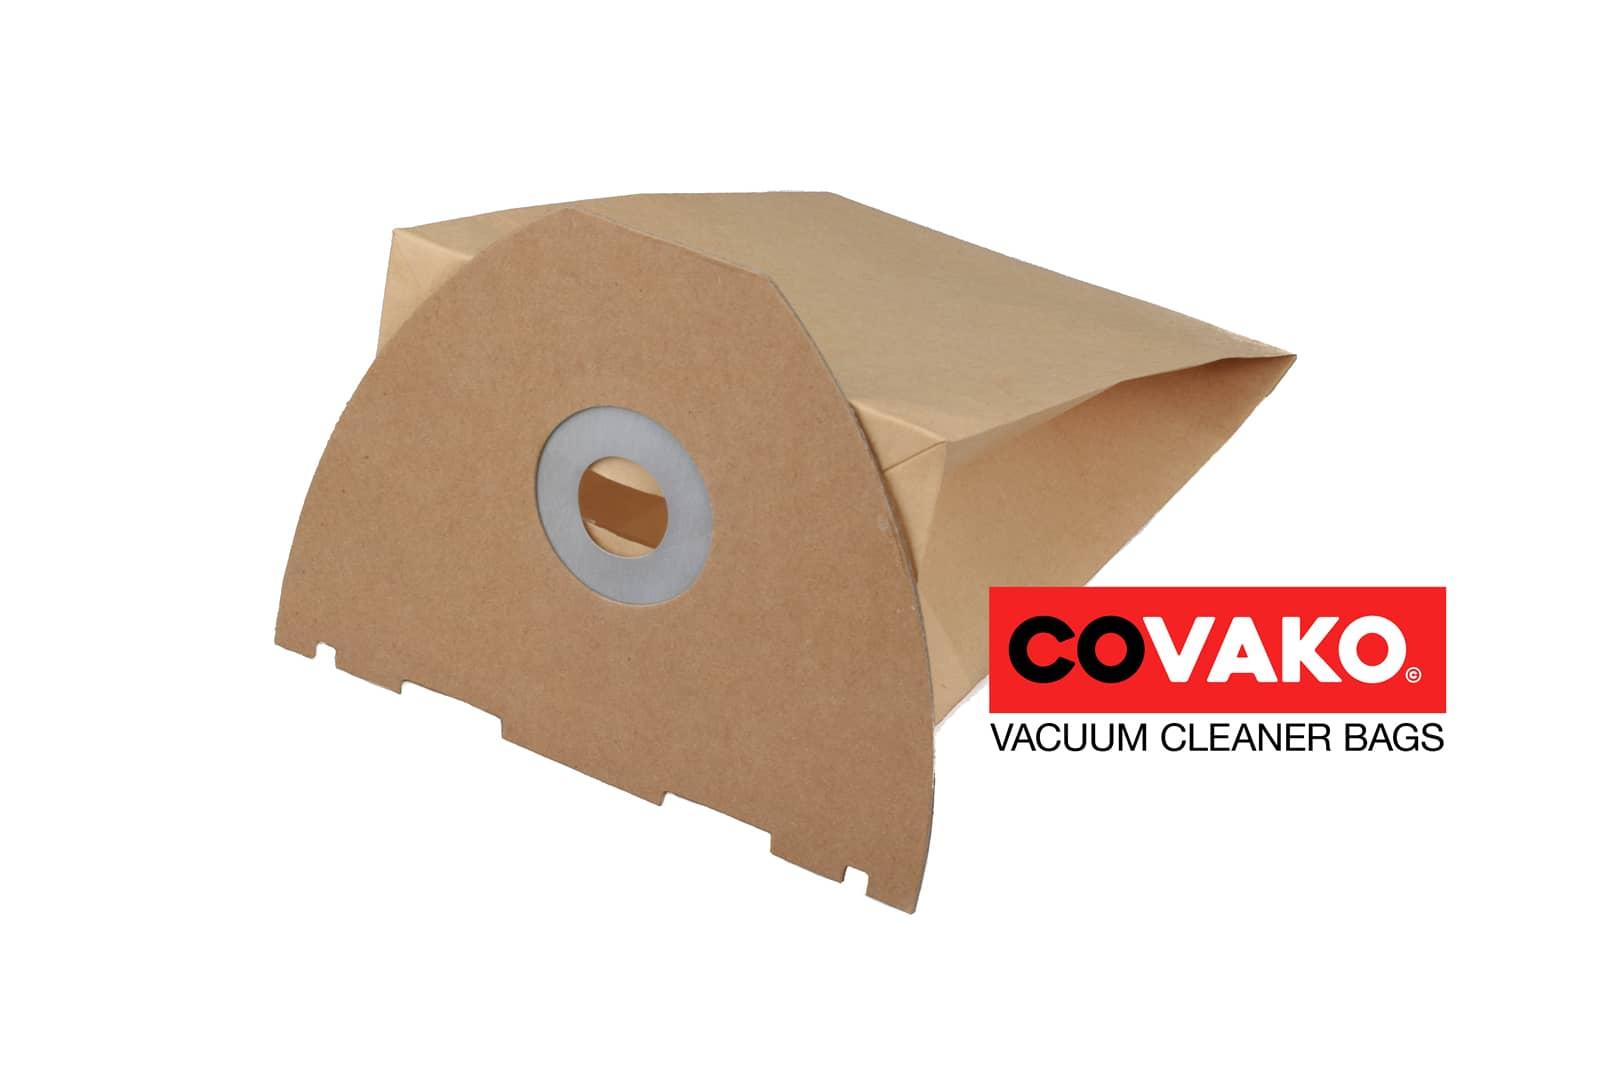 Electrolux UZ 964 / Papier - Electrolux sacs d'aspirateur